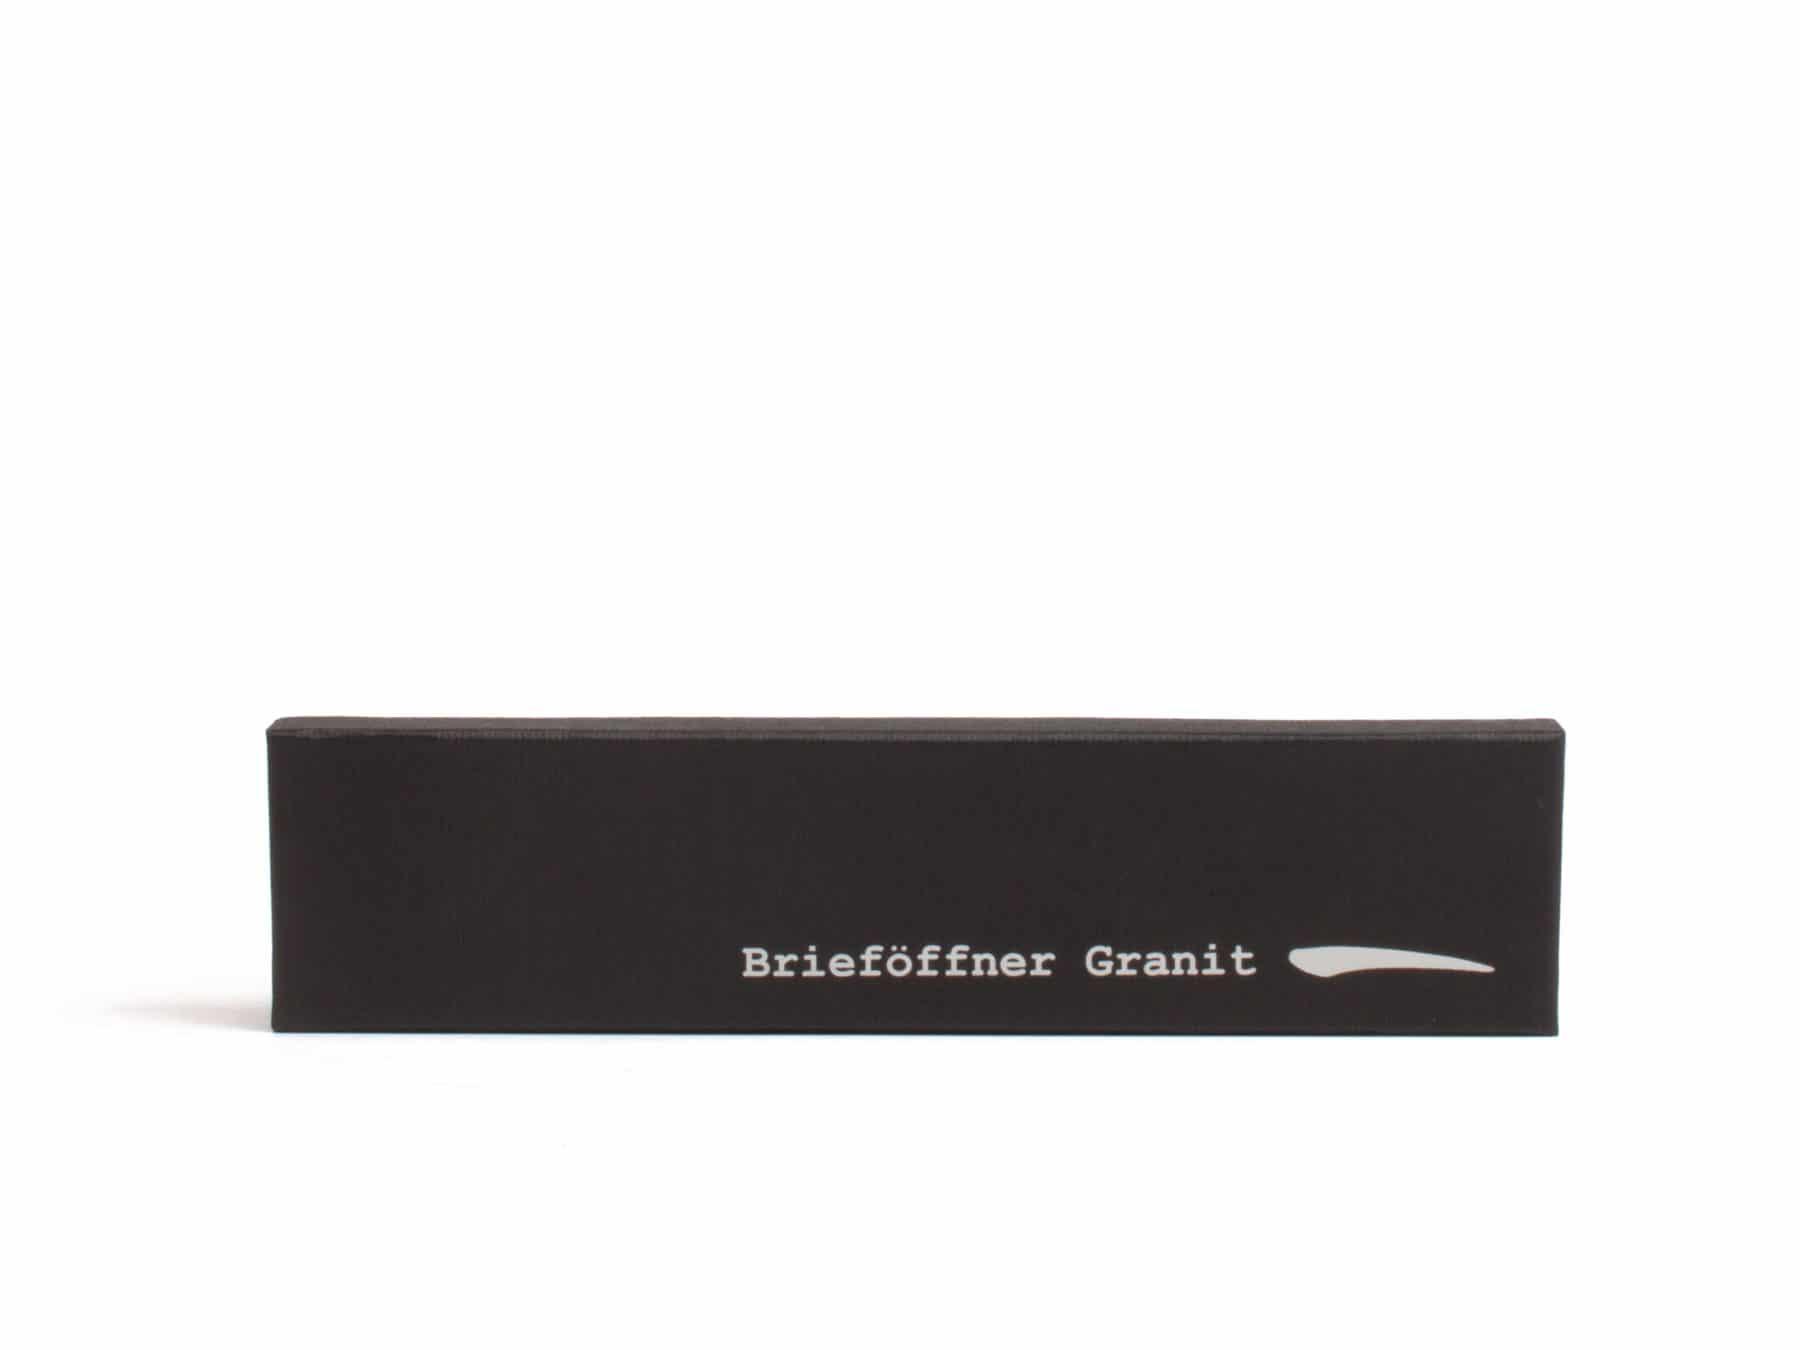 Briefoeffner kaufen Andeerer Granit Stein Schweiz KURTS.ch